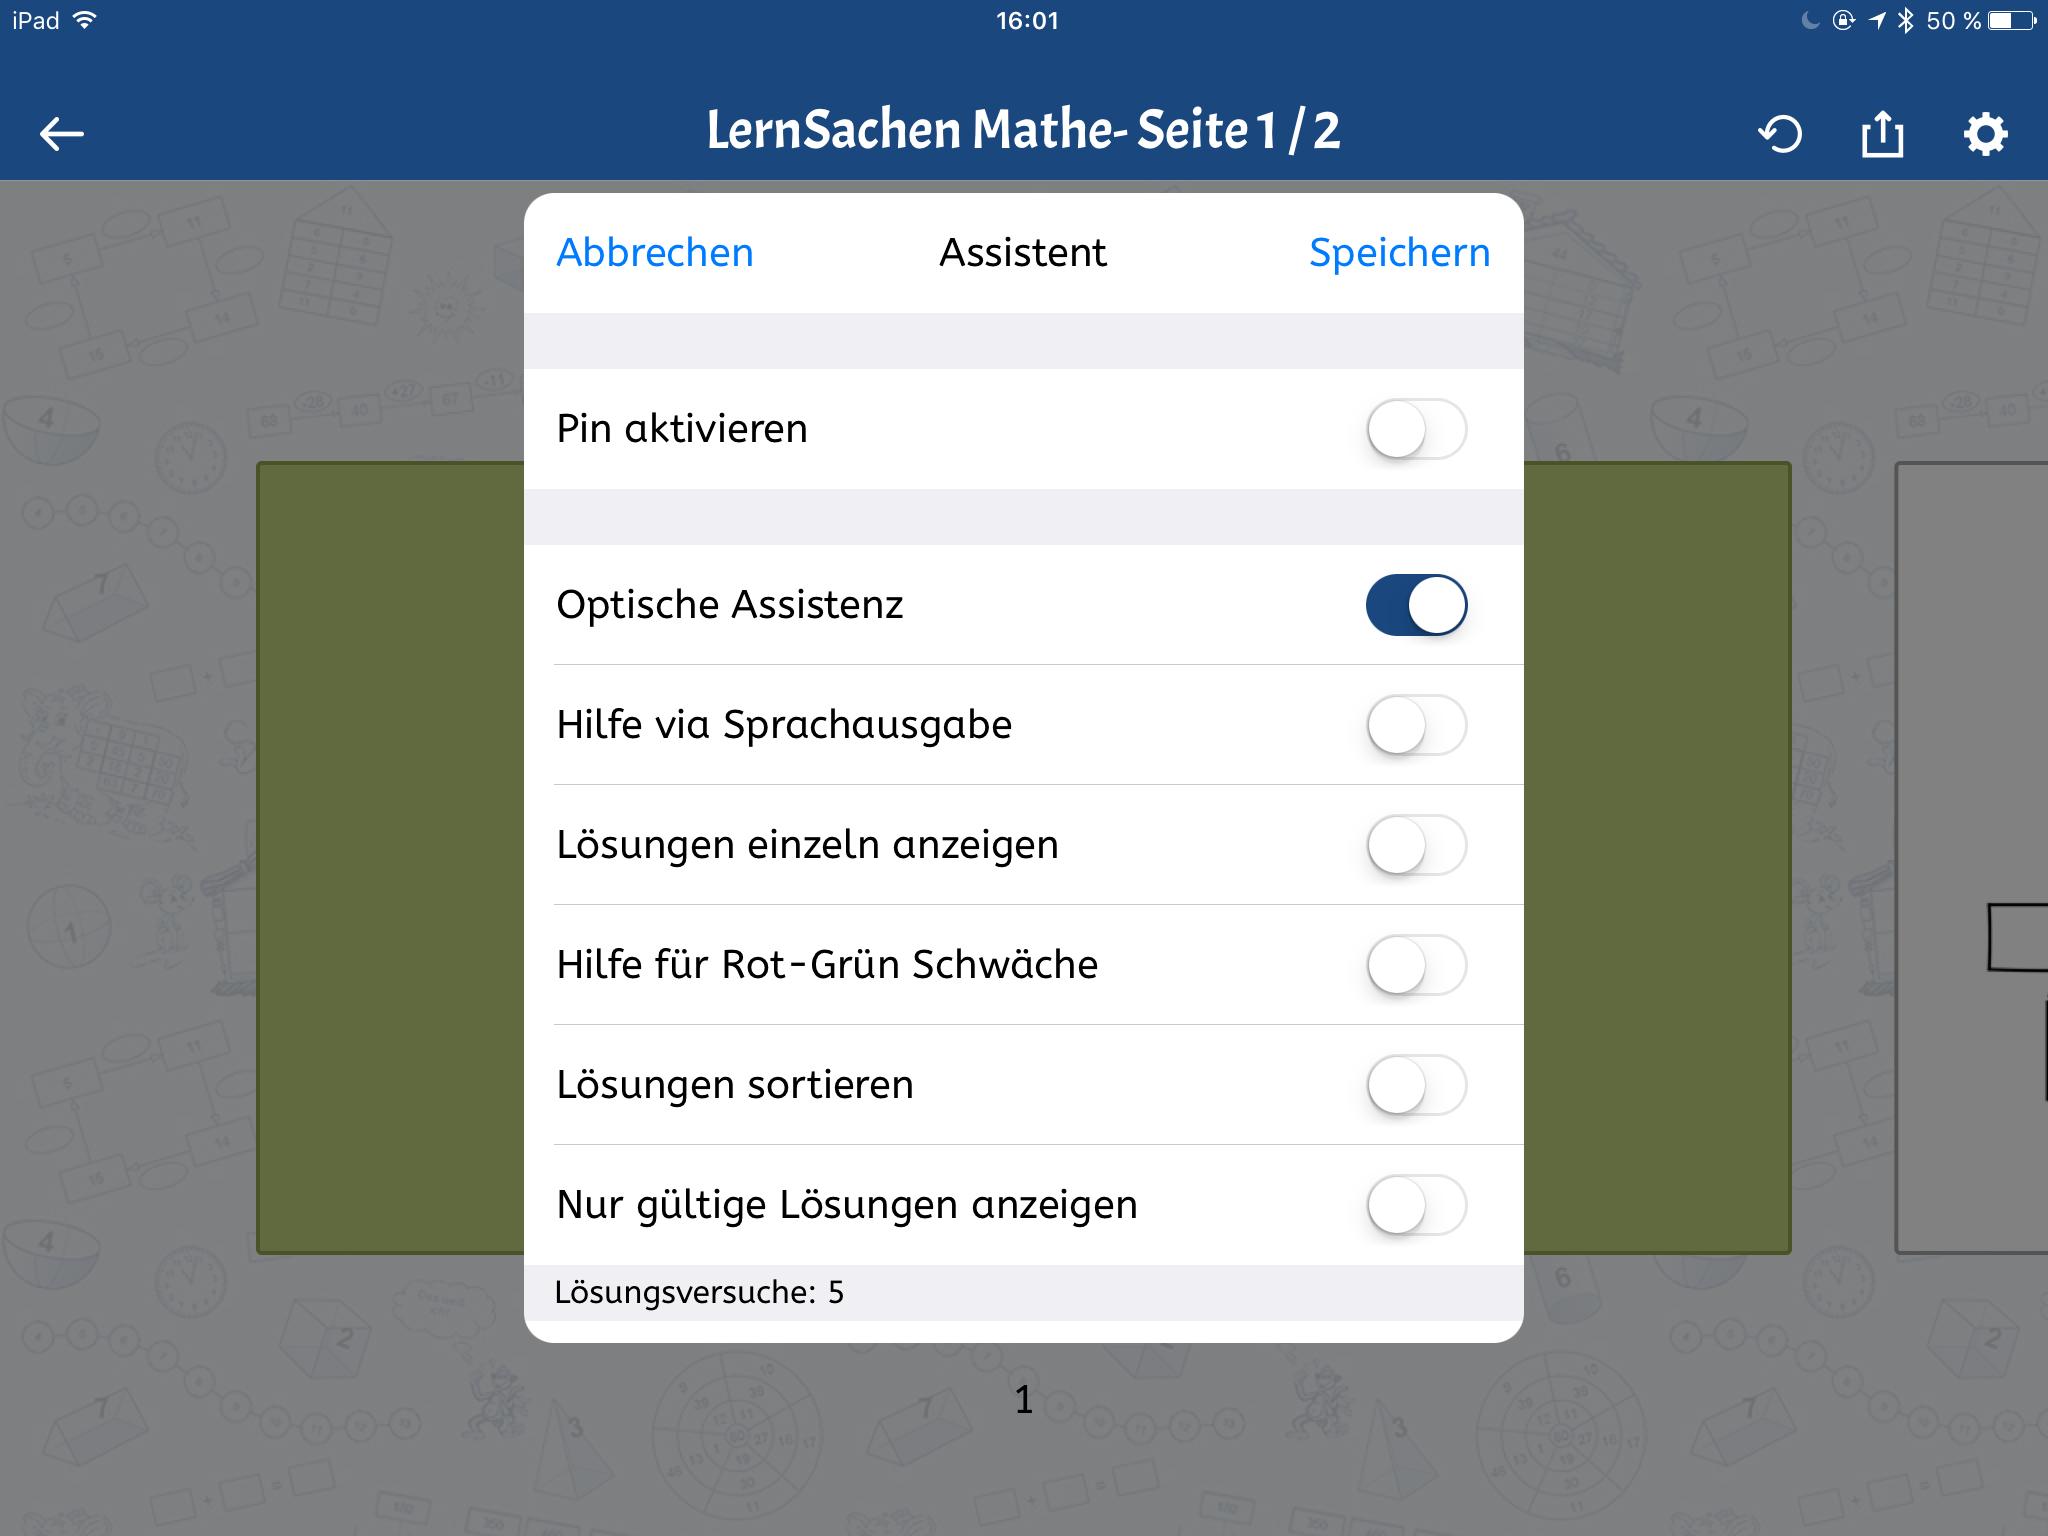 Mathe Uben Mit Worksheet Go Lernsachen